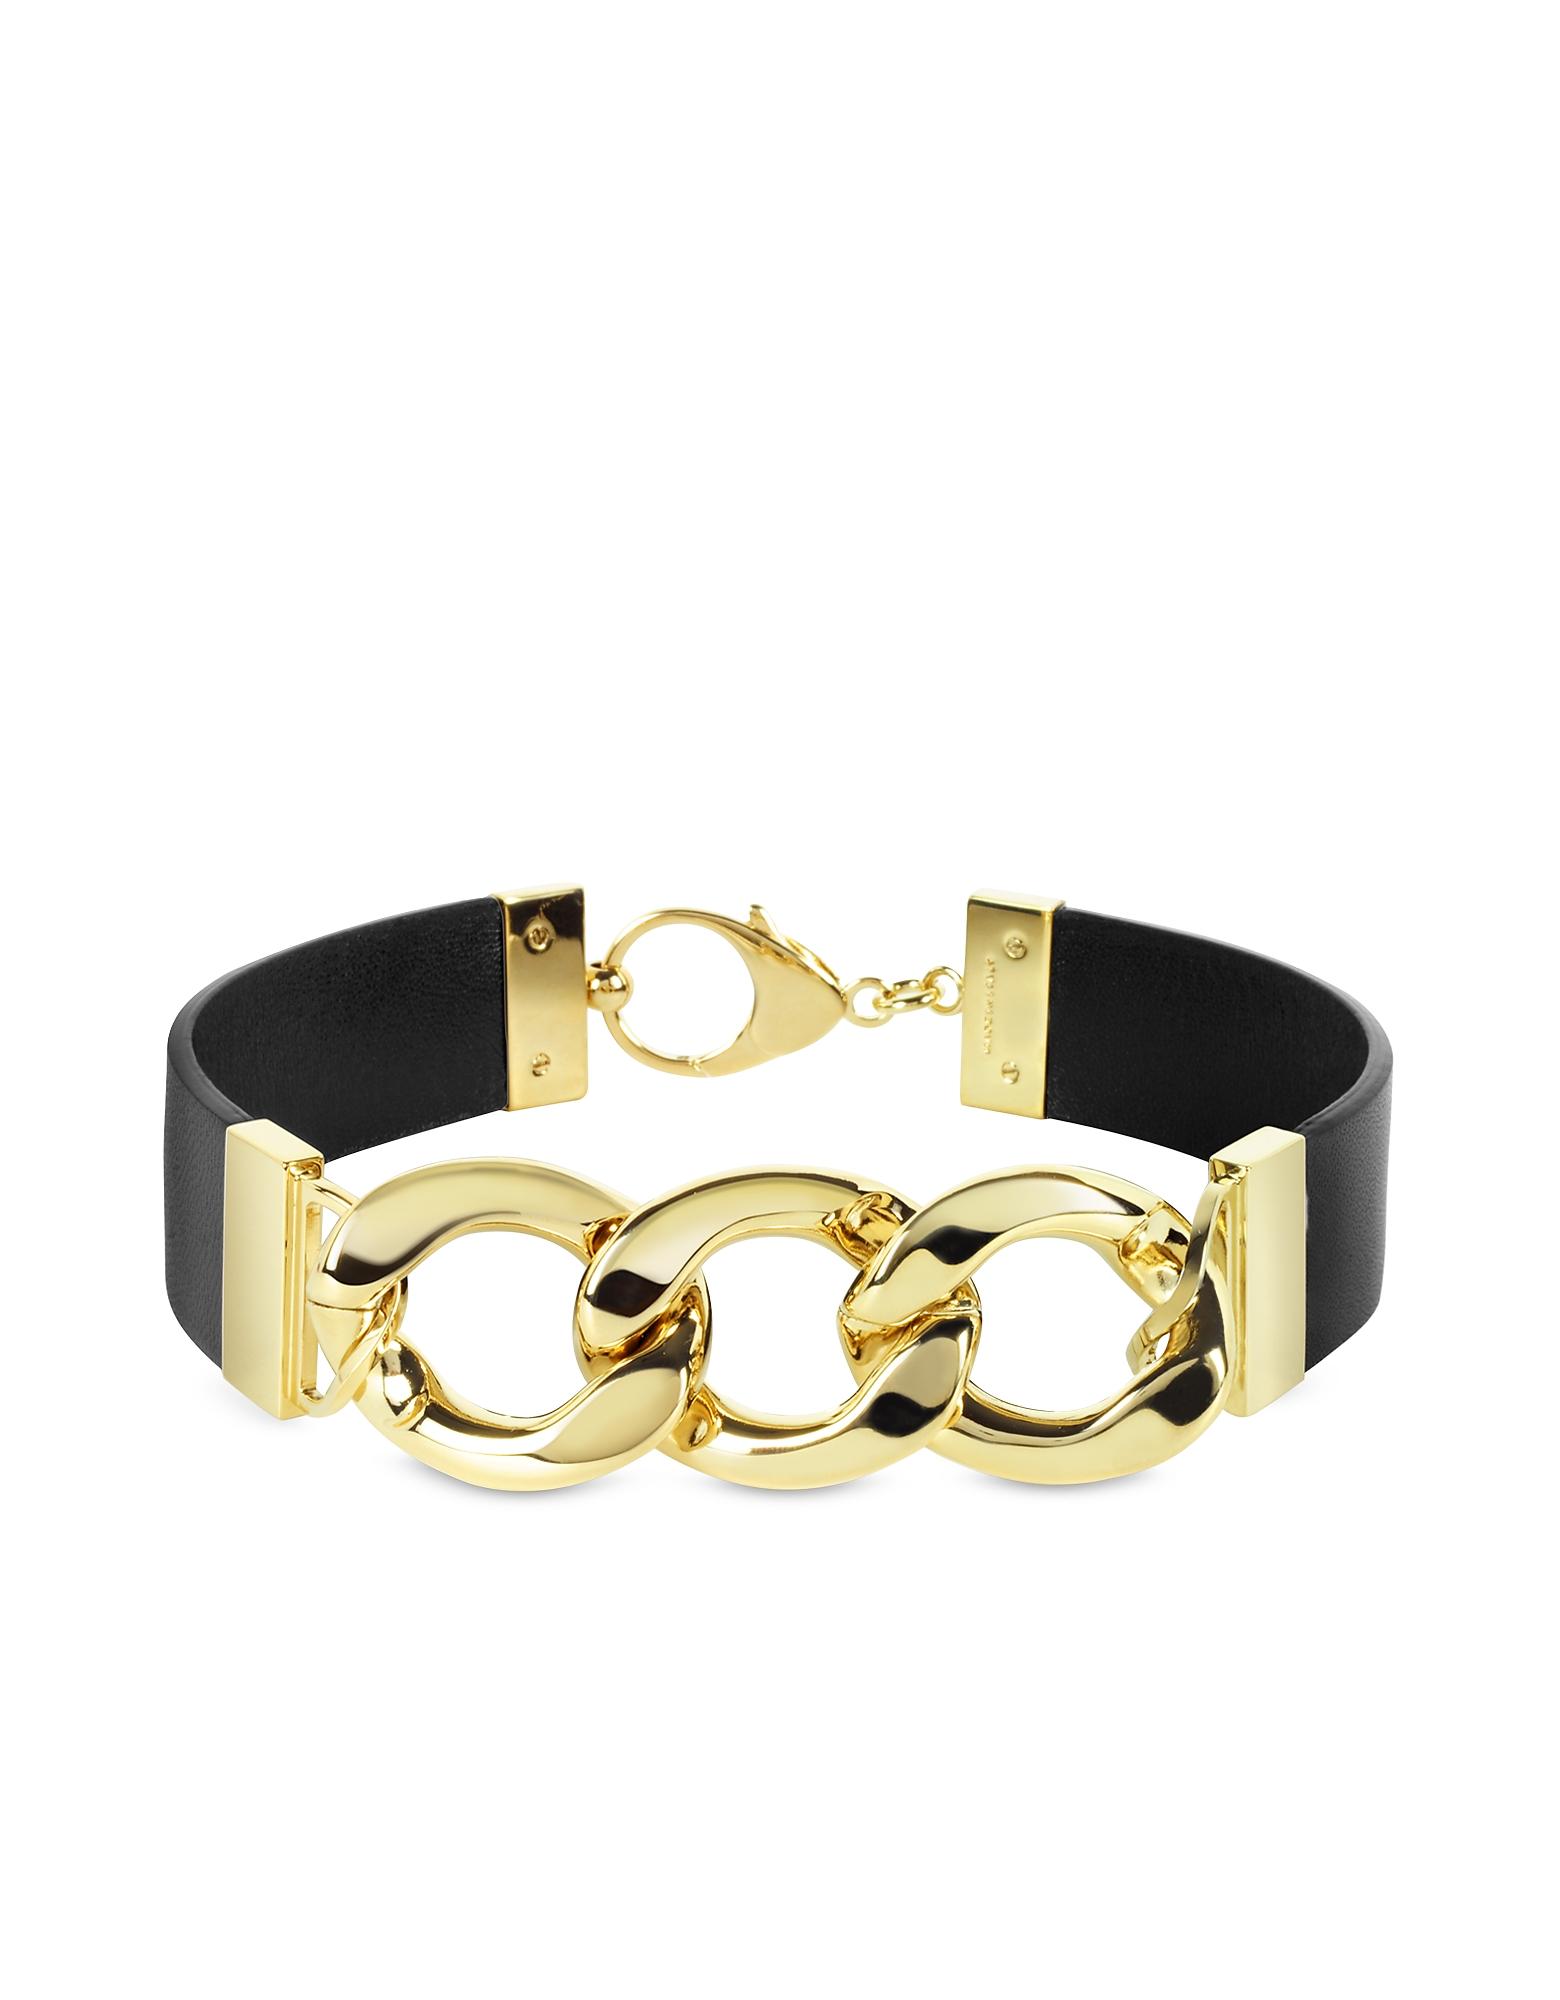 Ожерелье из Кожи с Золотистыми Звеньями из Меди